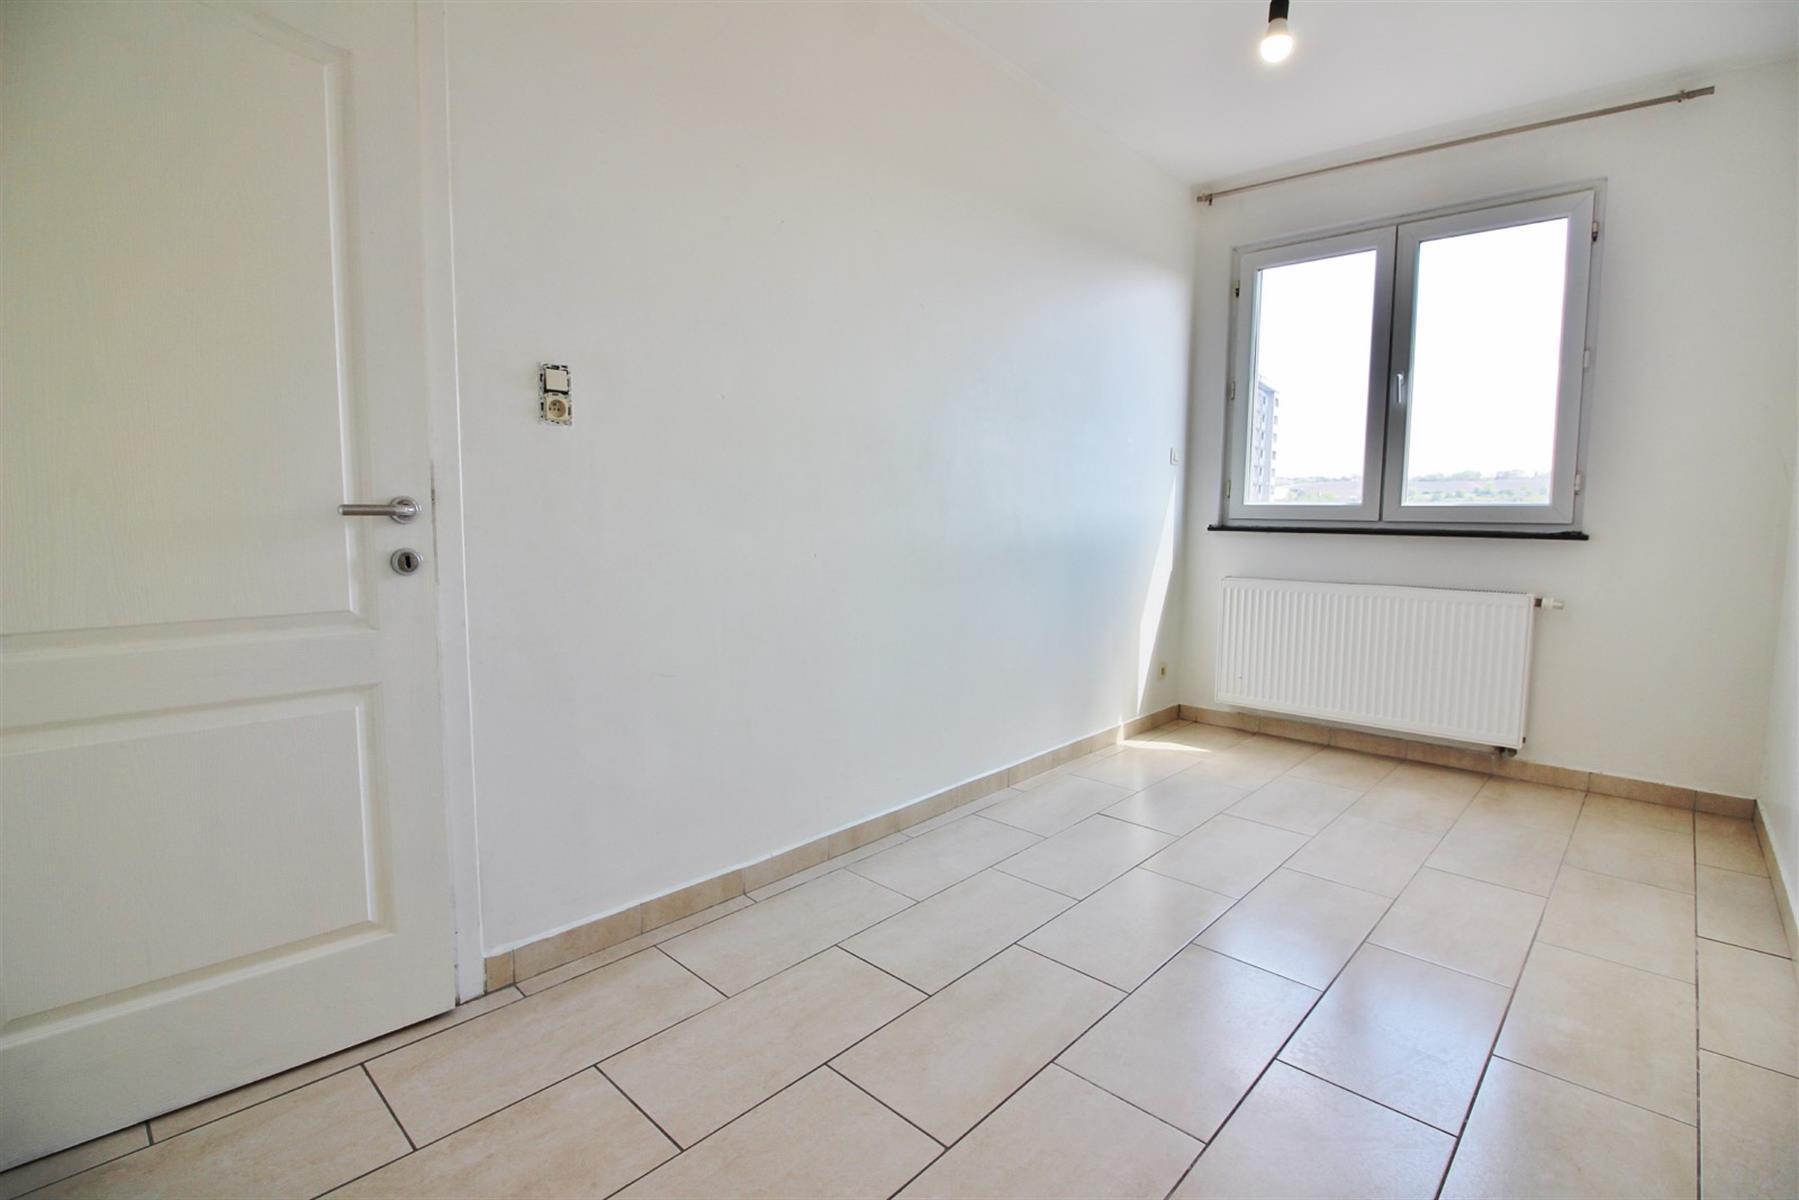 Appartement - Liege - #4394490-8